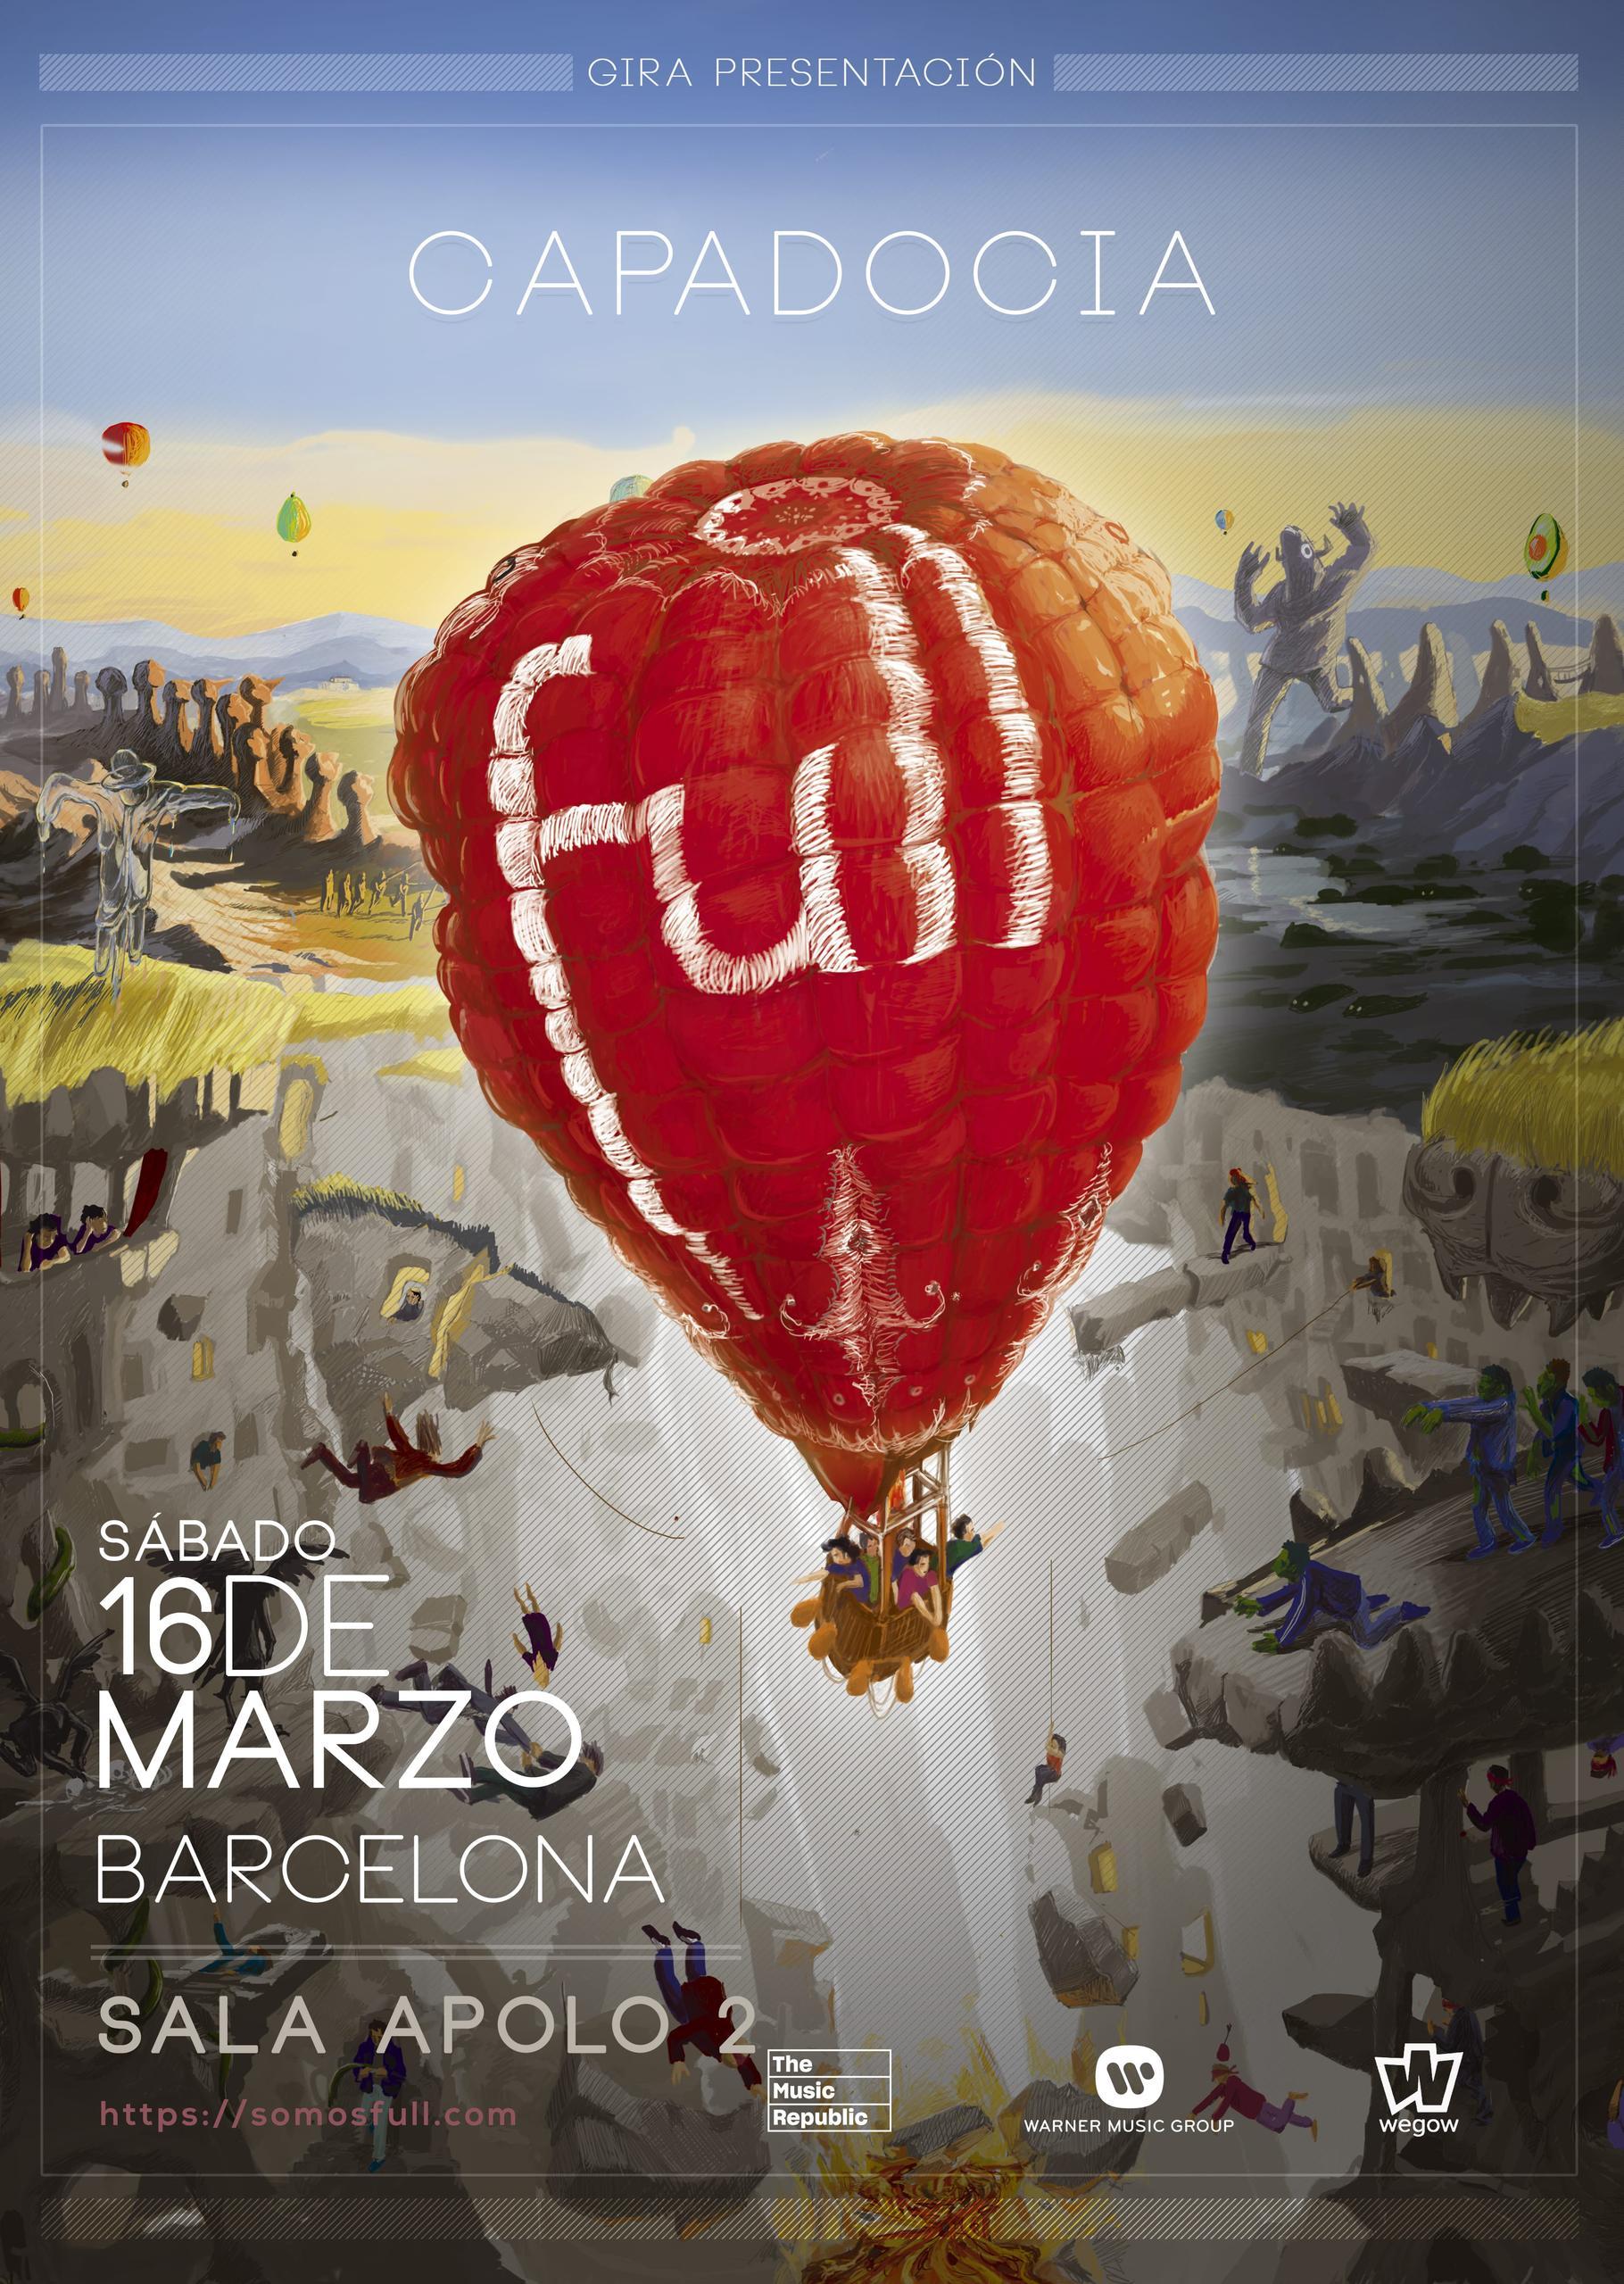 Concierto de Full en Barcelona